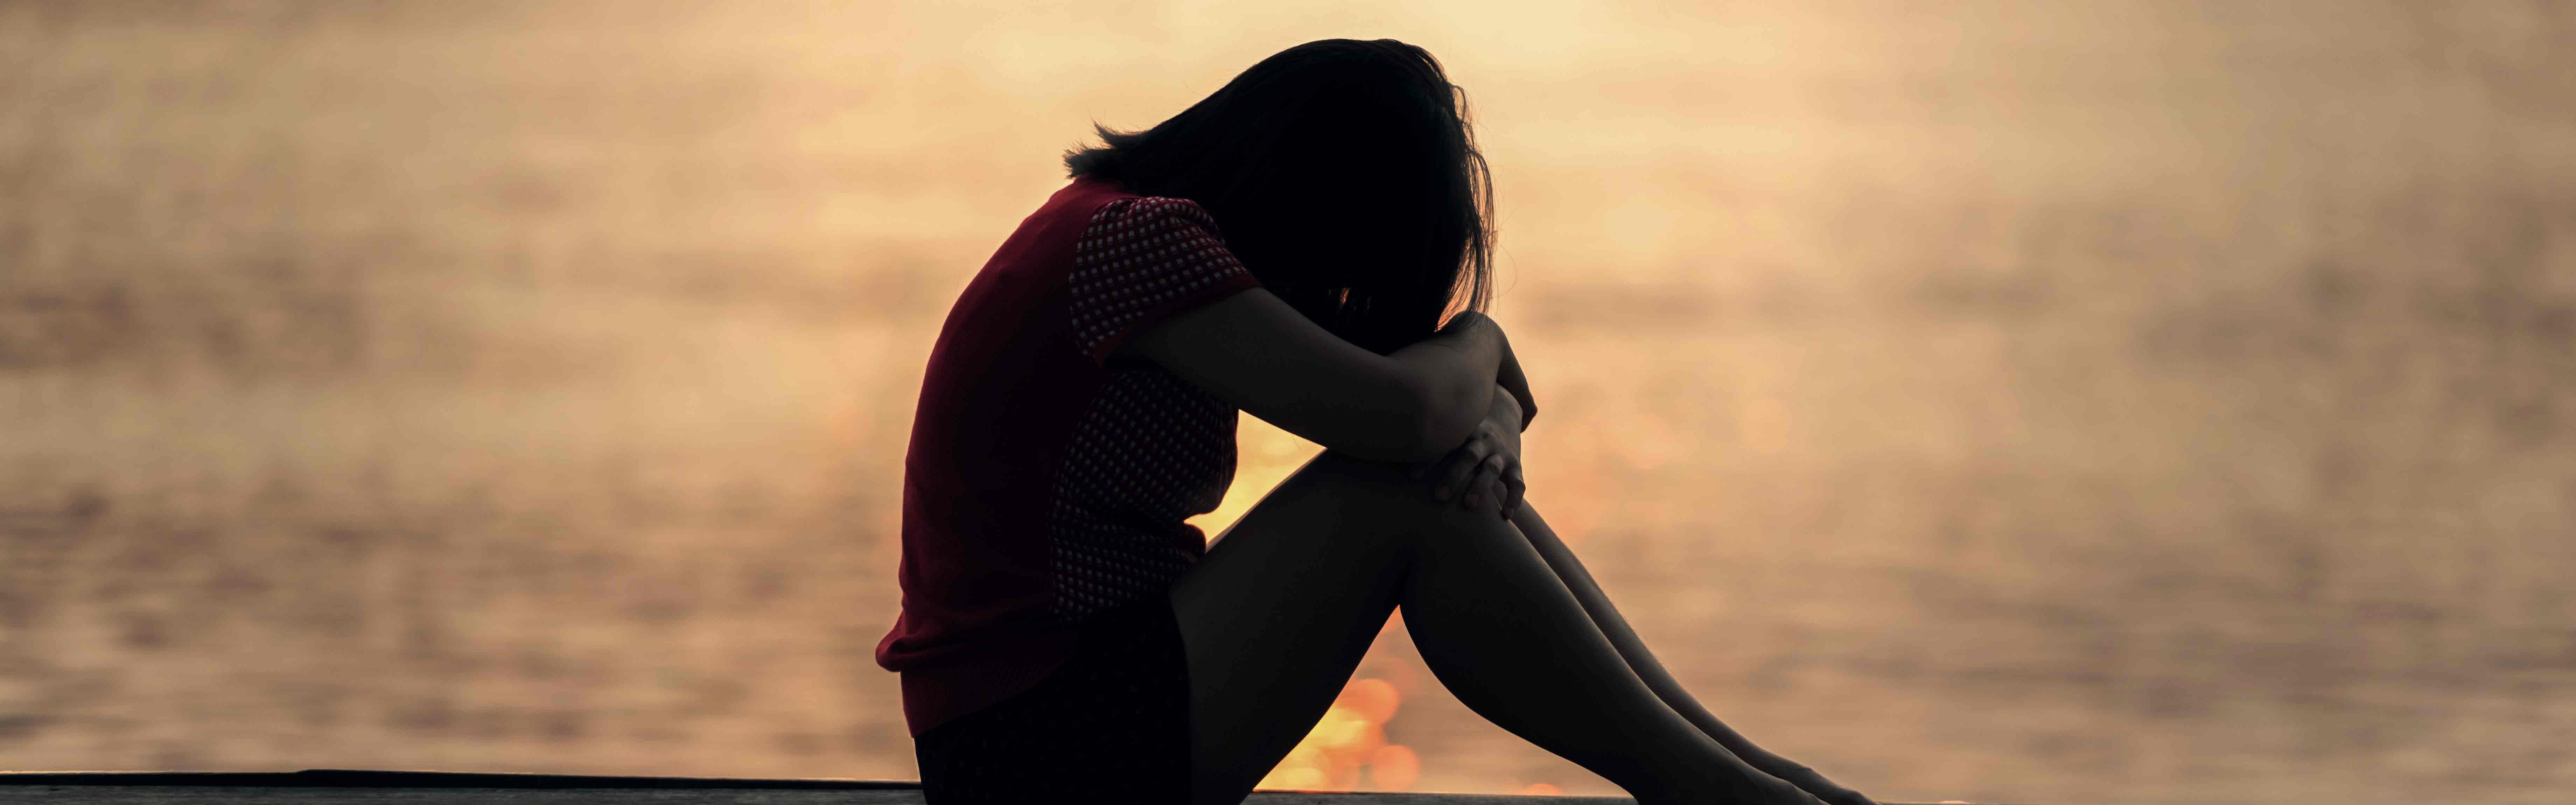 Conoce la función de la terapia emocional